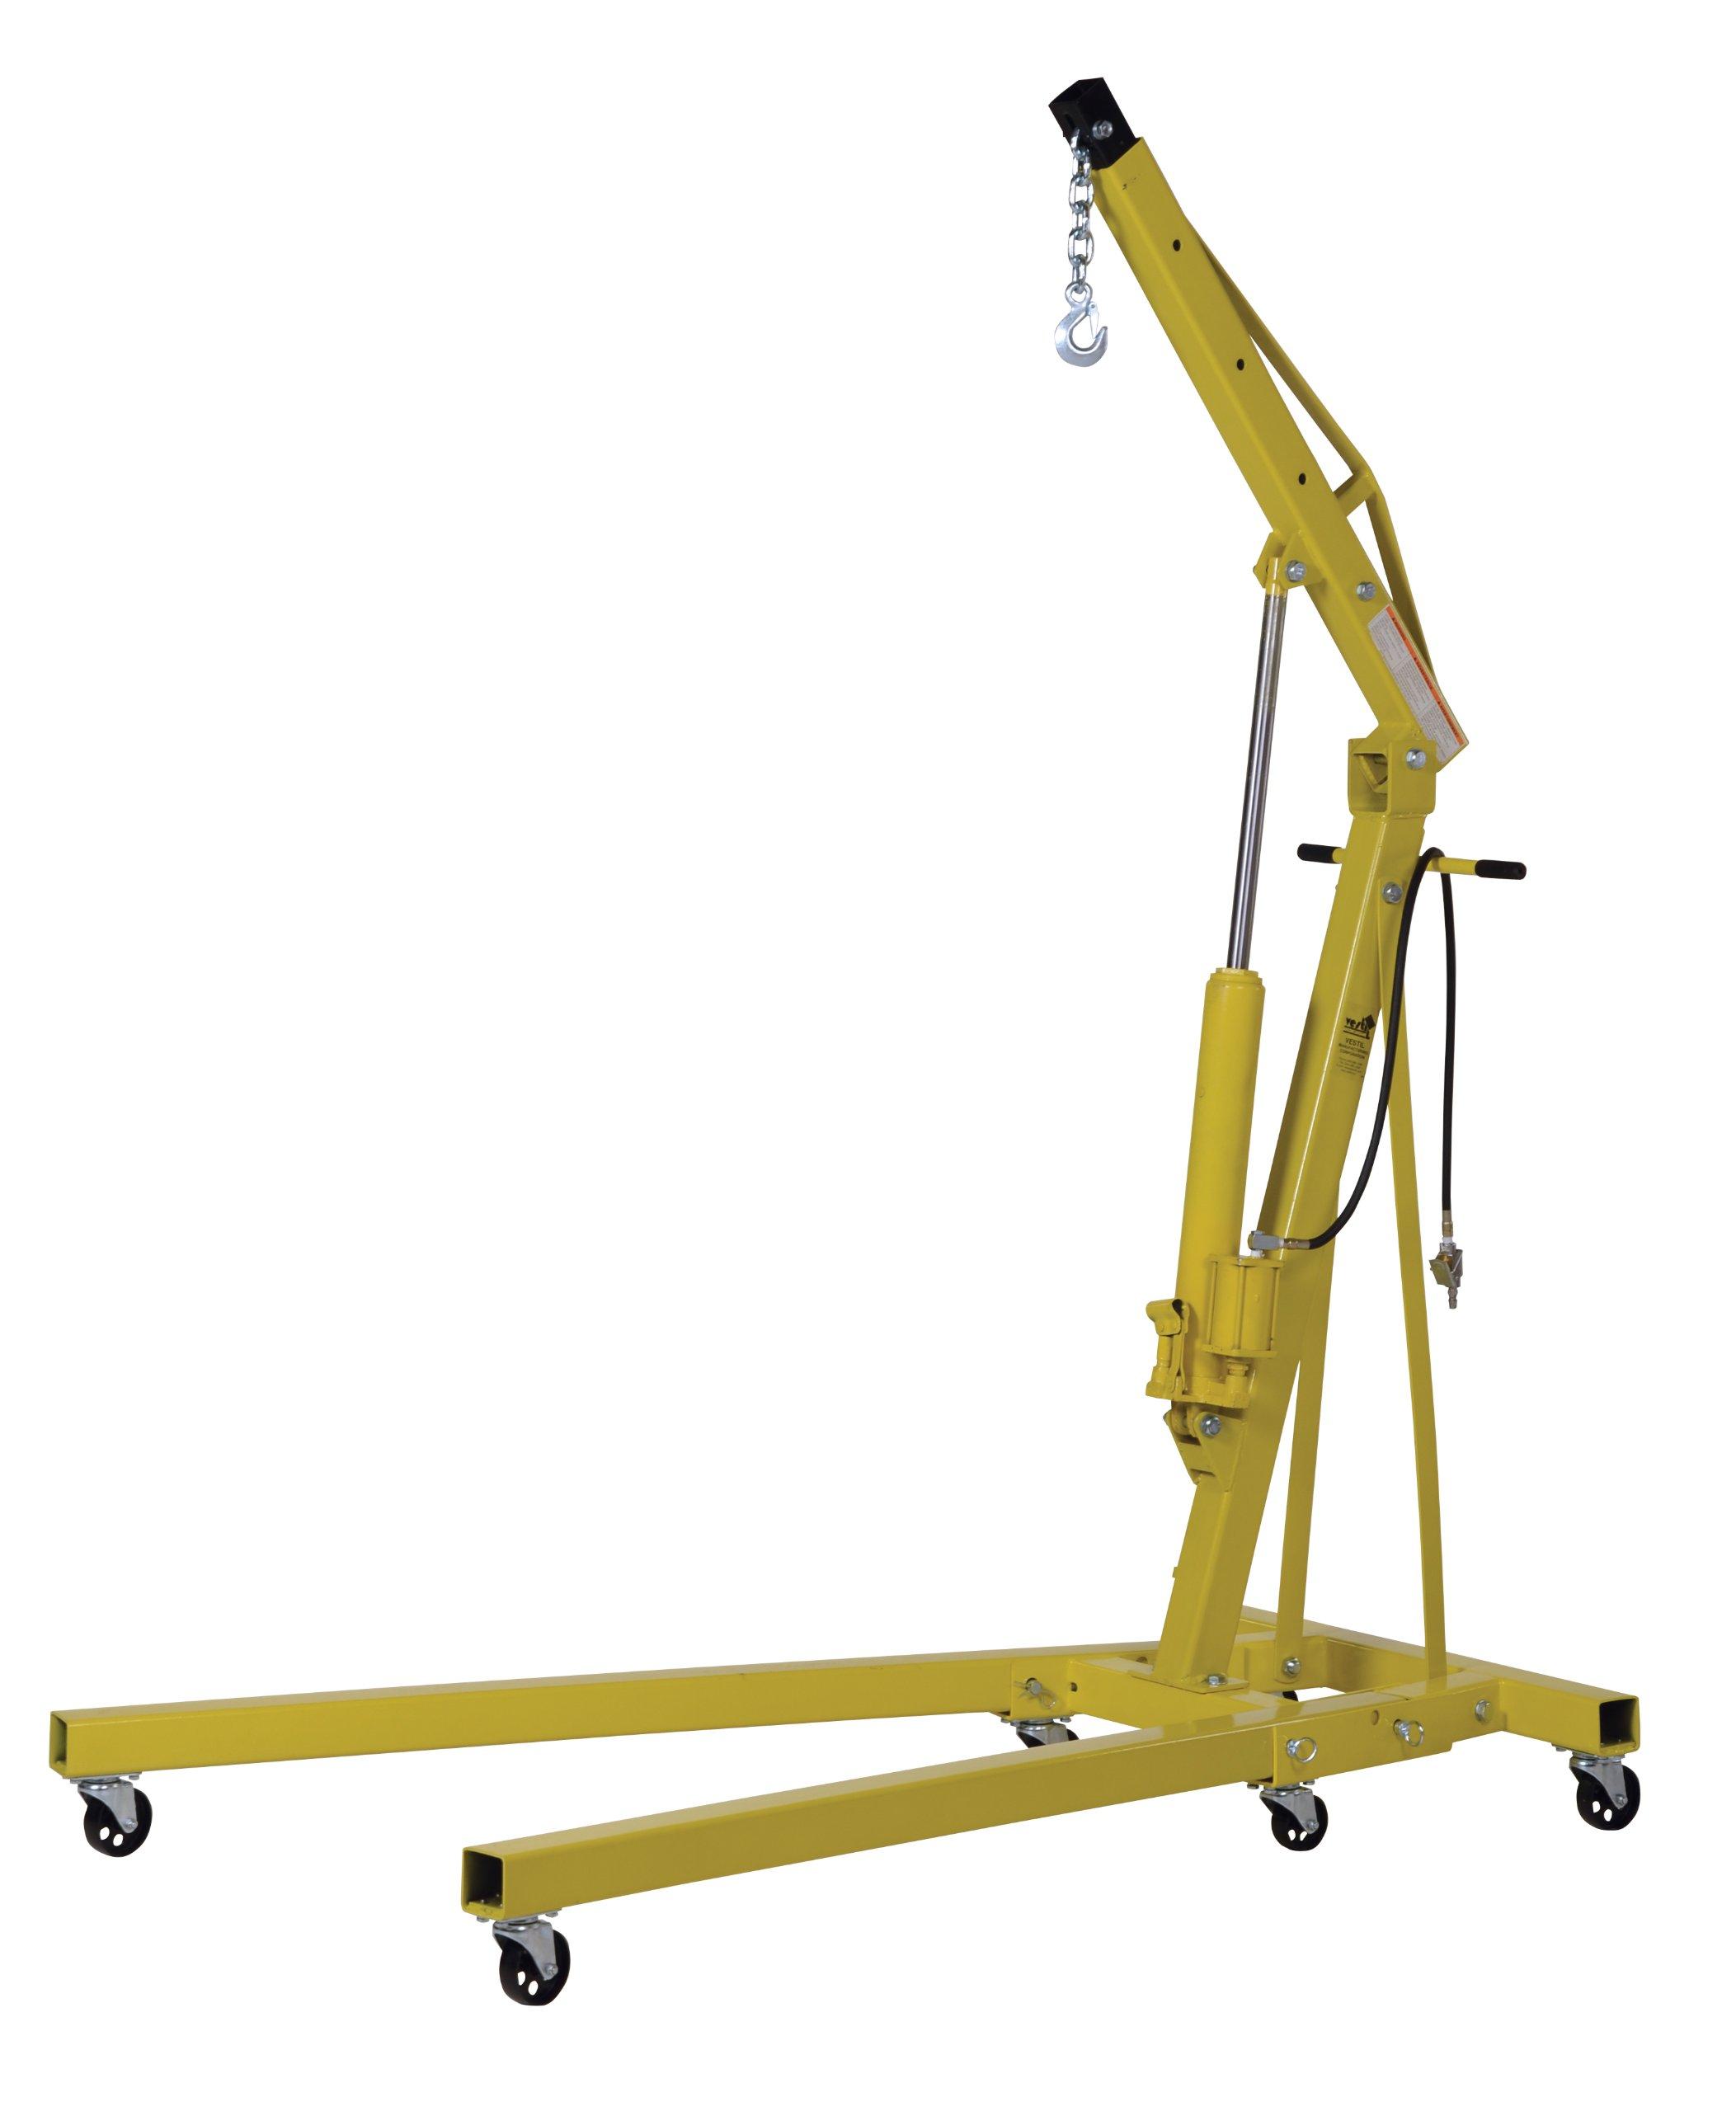 Vestil EHN-40-C-AH Steel Air/Hand Pump Hydraulic Shop Crane Engine Hoist with Folding Legs 4000 lbs Capacity by Vestil (Image #2)